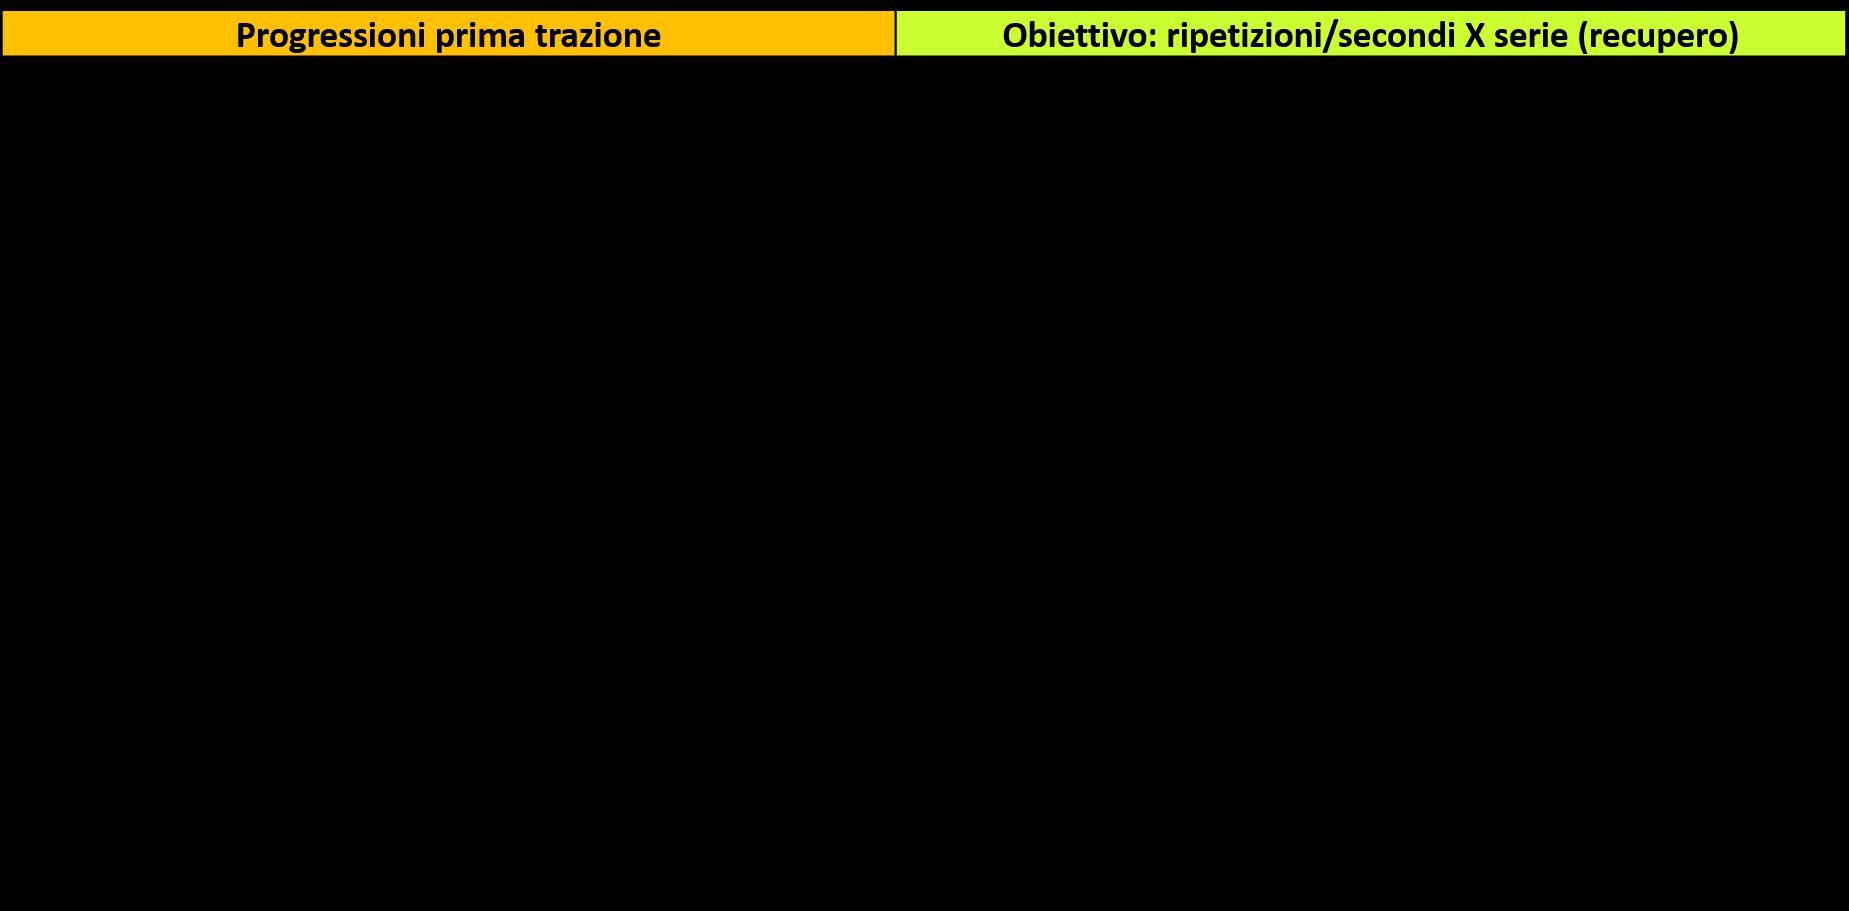 obiettivi-prima-trazione-min